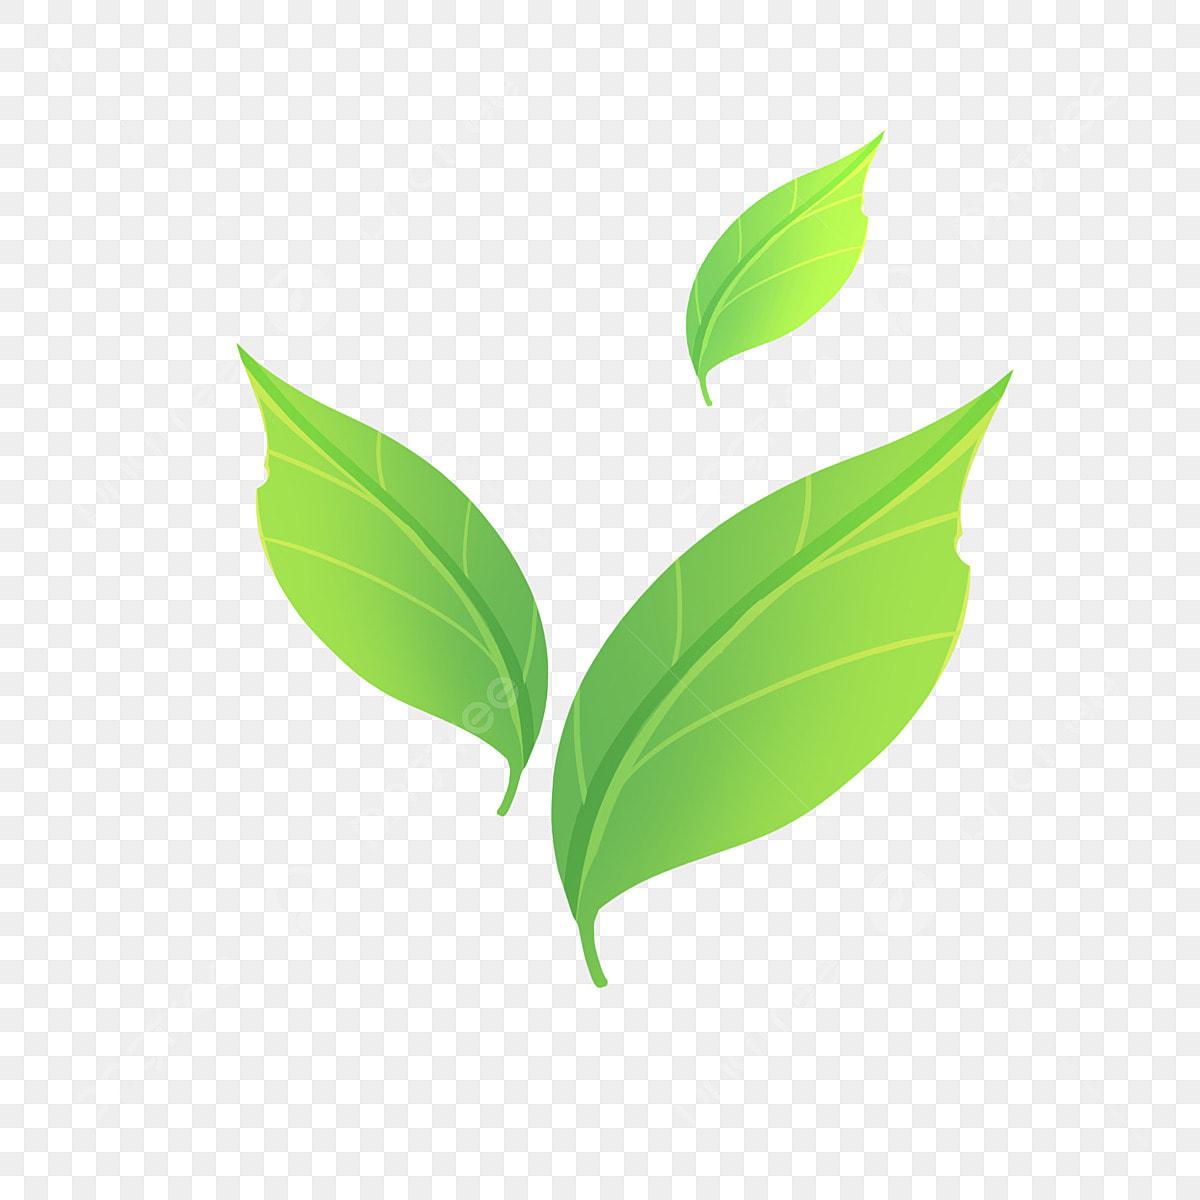 Green leaf illustration, Green tea Leaf Matcha, Green tea leaf transparent  background PNG clipart | HiClipart